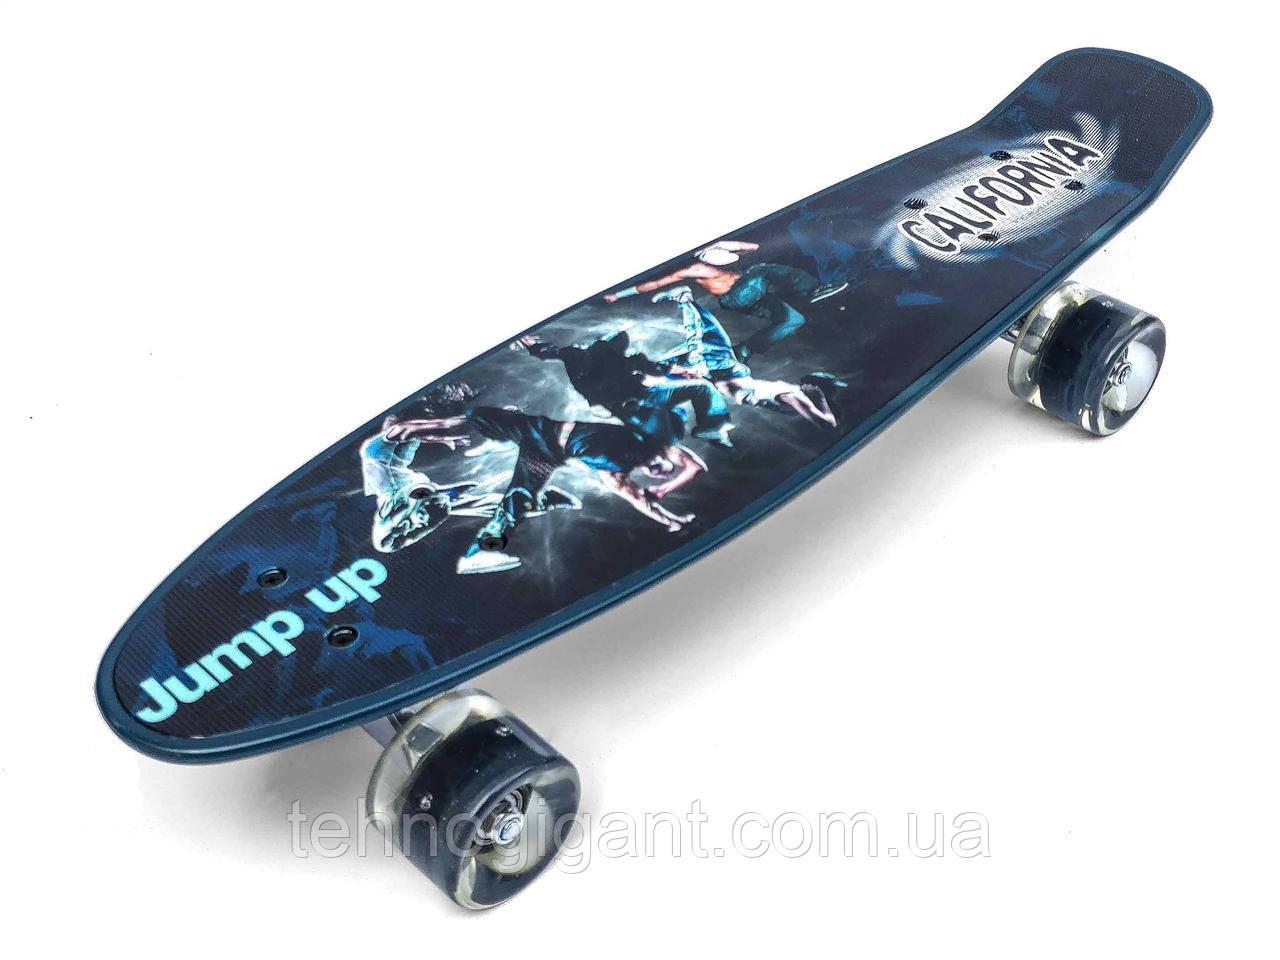 Скейт Penny Board, с широкими светящимися колесами Пенни борд, детский , от 5 лет расцветка Брейк